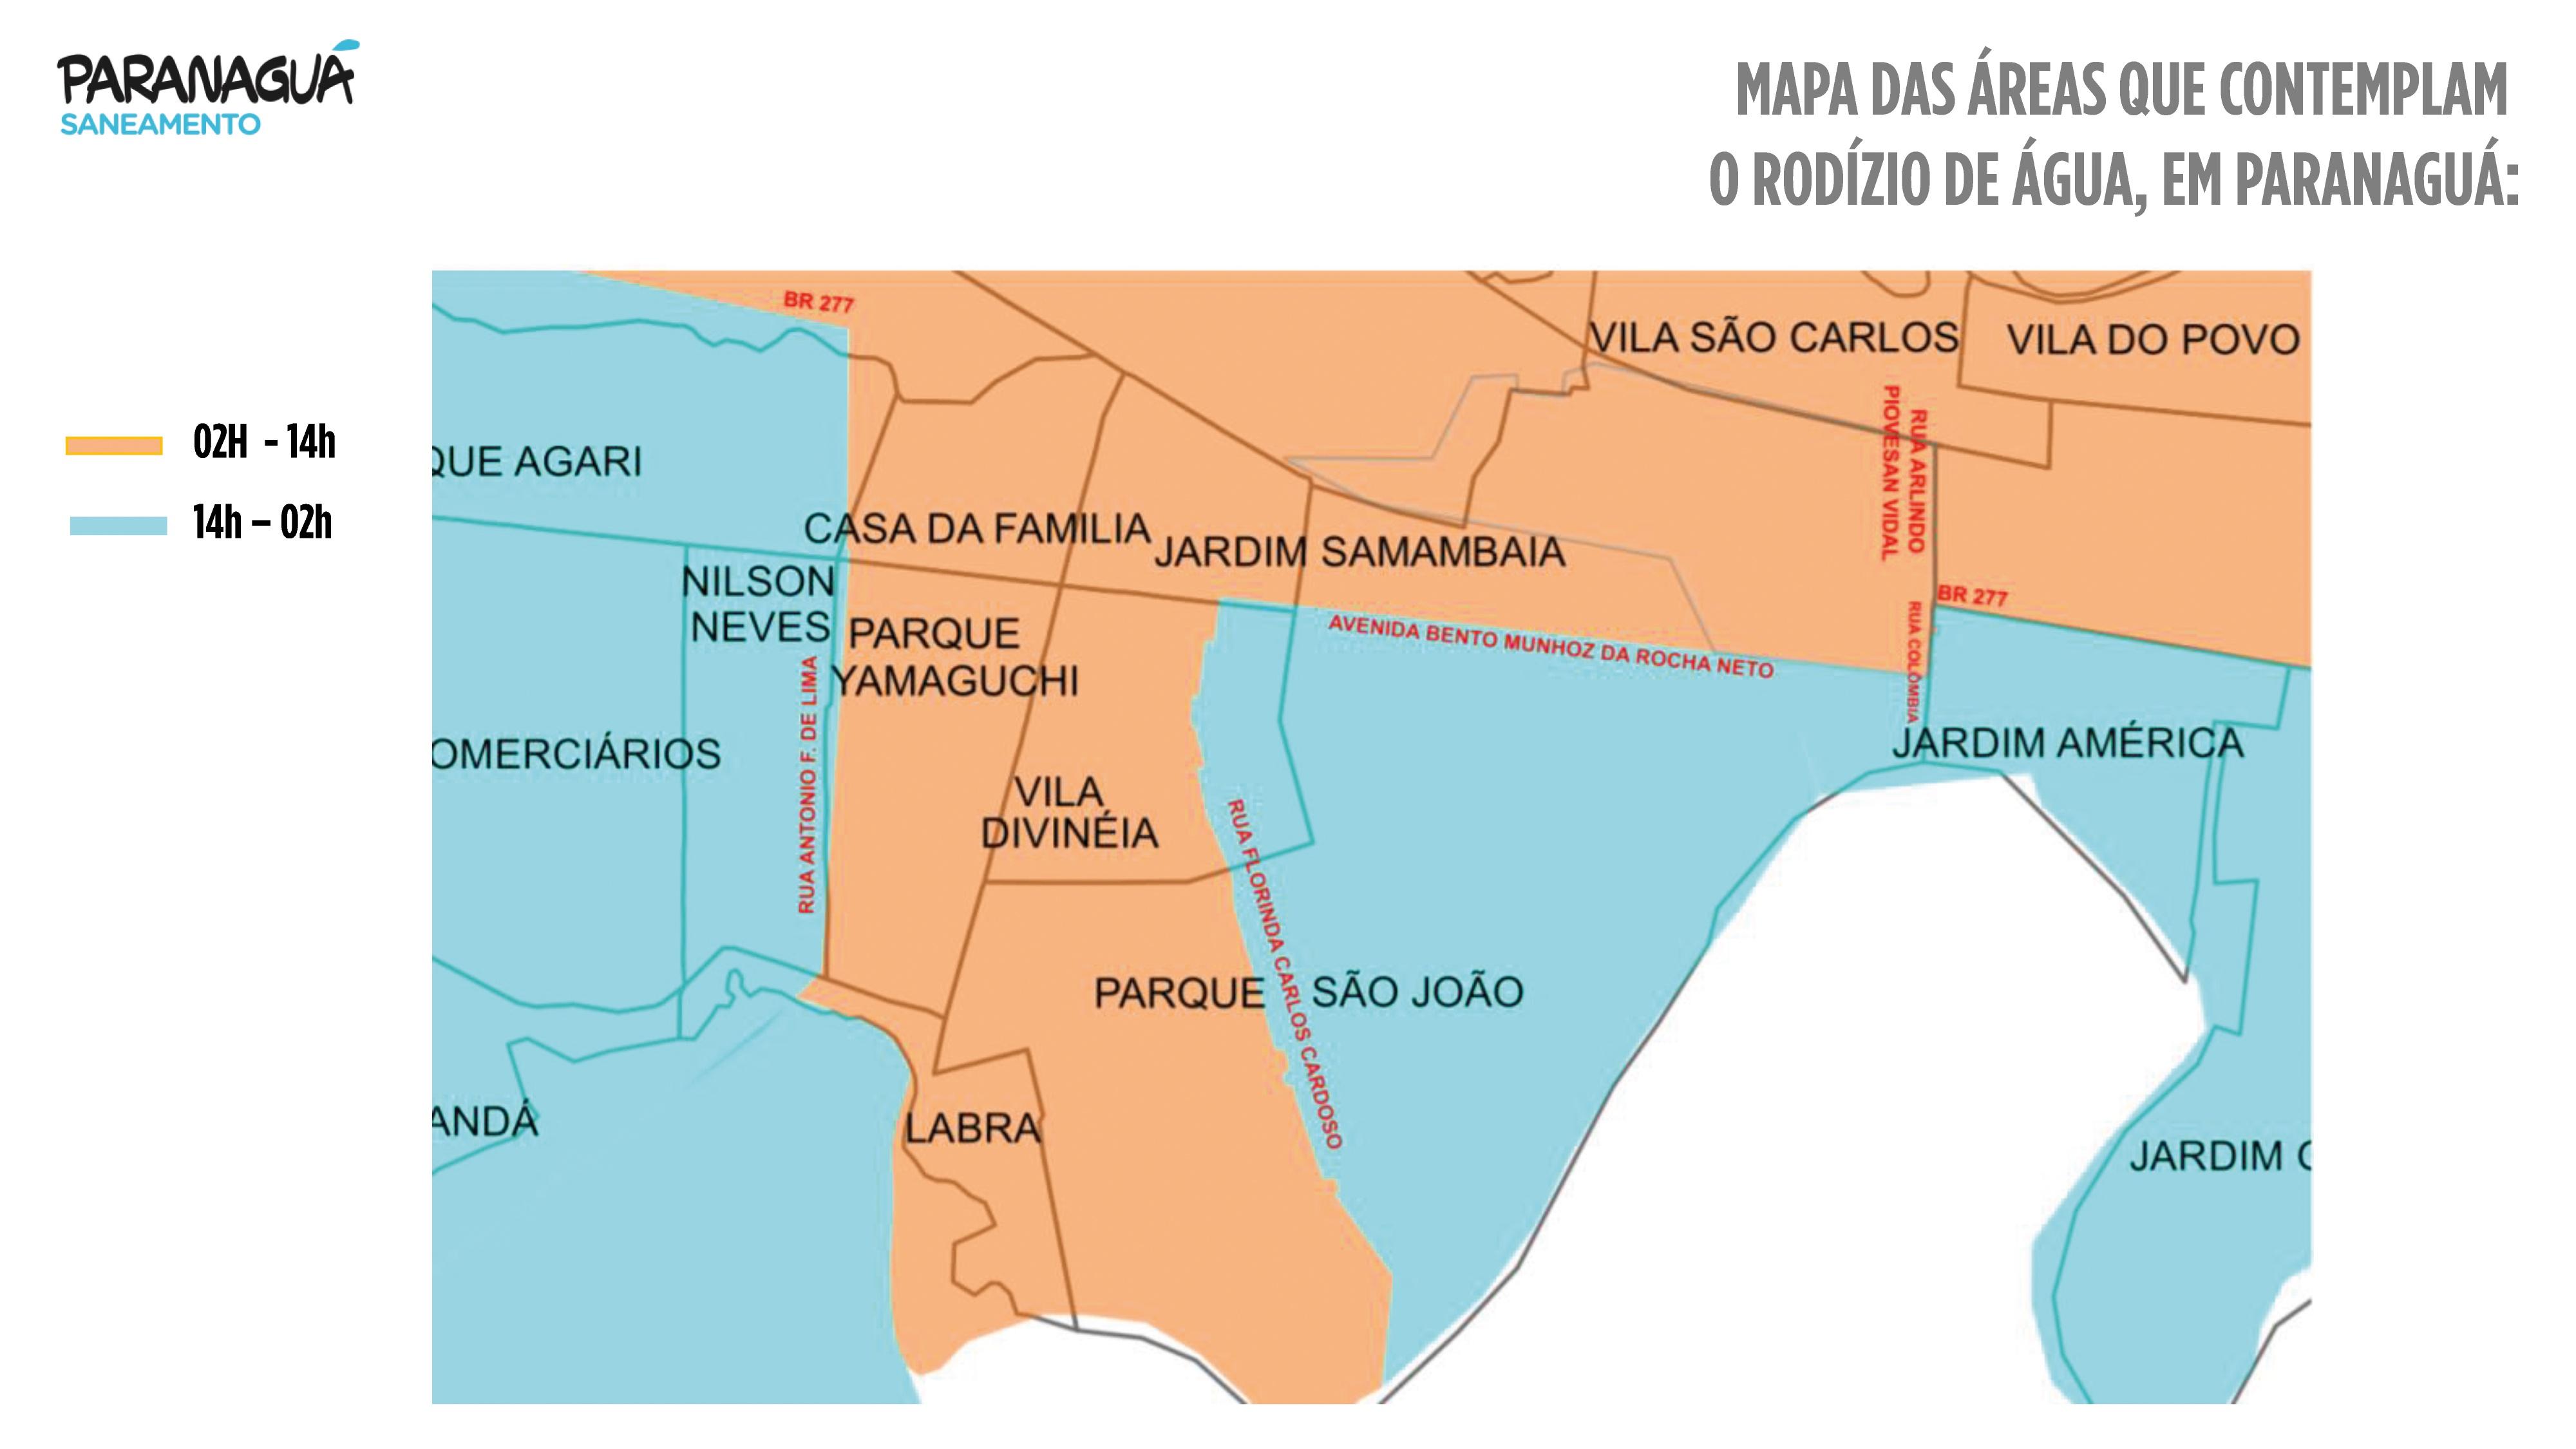 Mapa das áreas do rodízio de água em Paranaguá